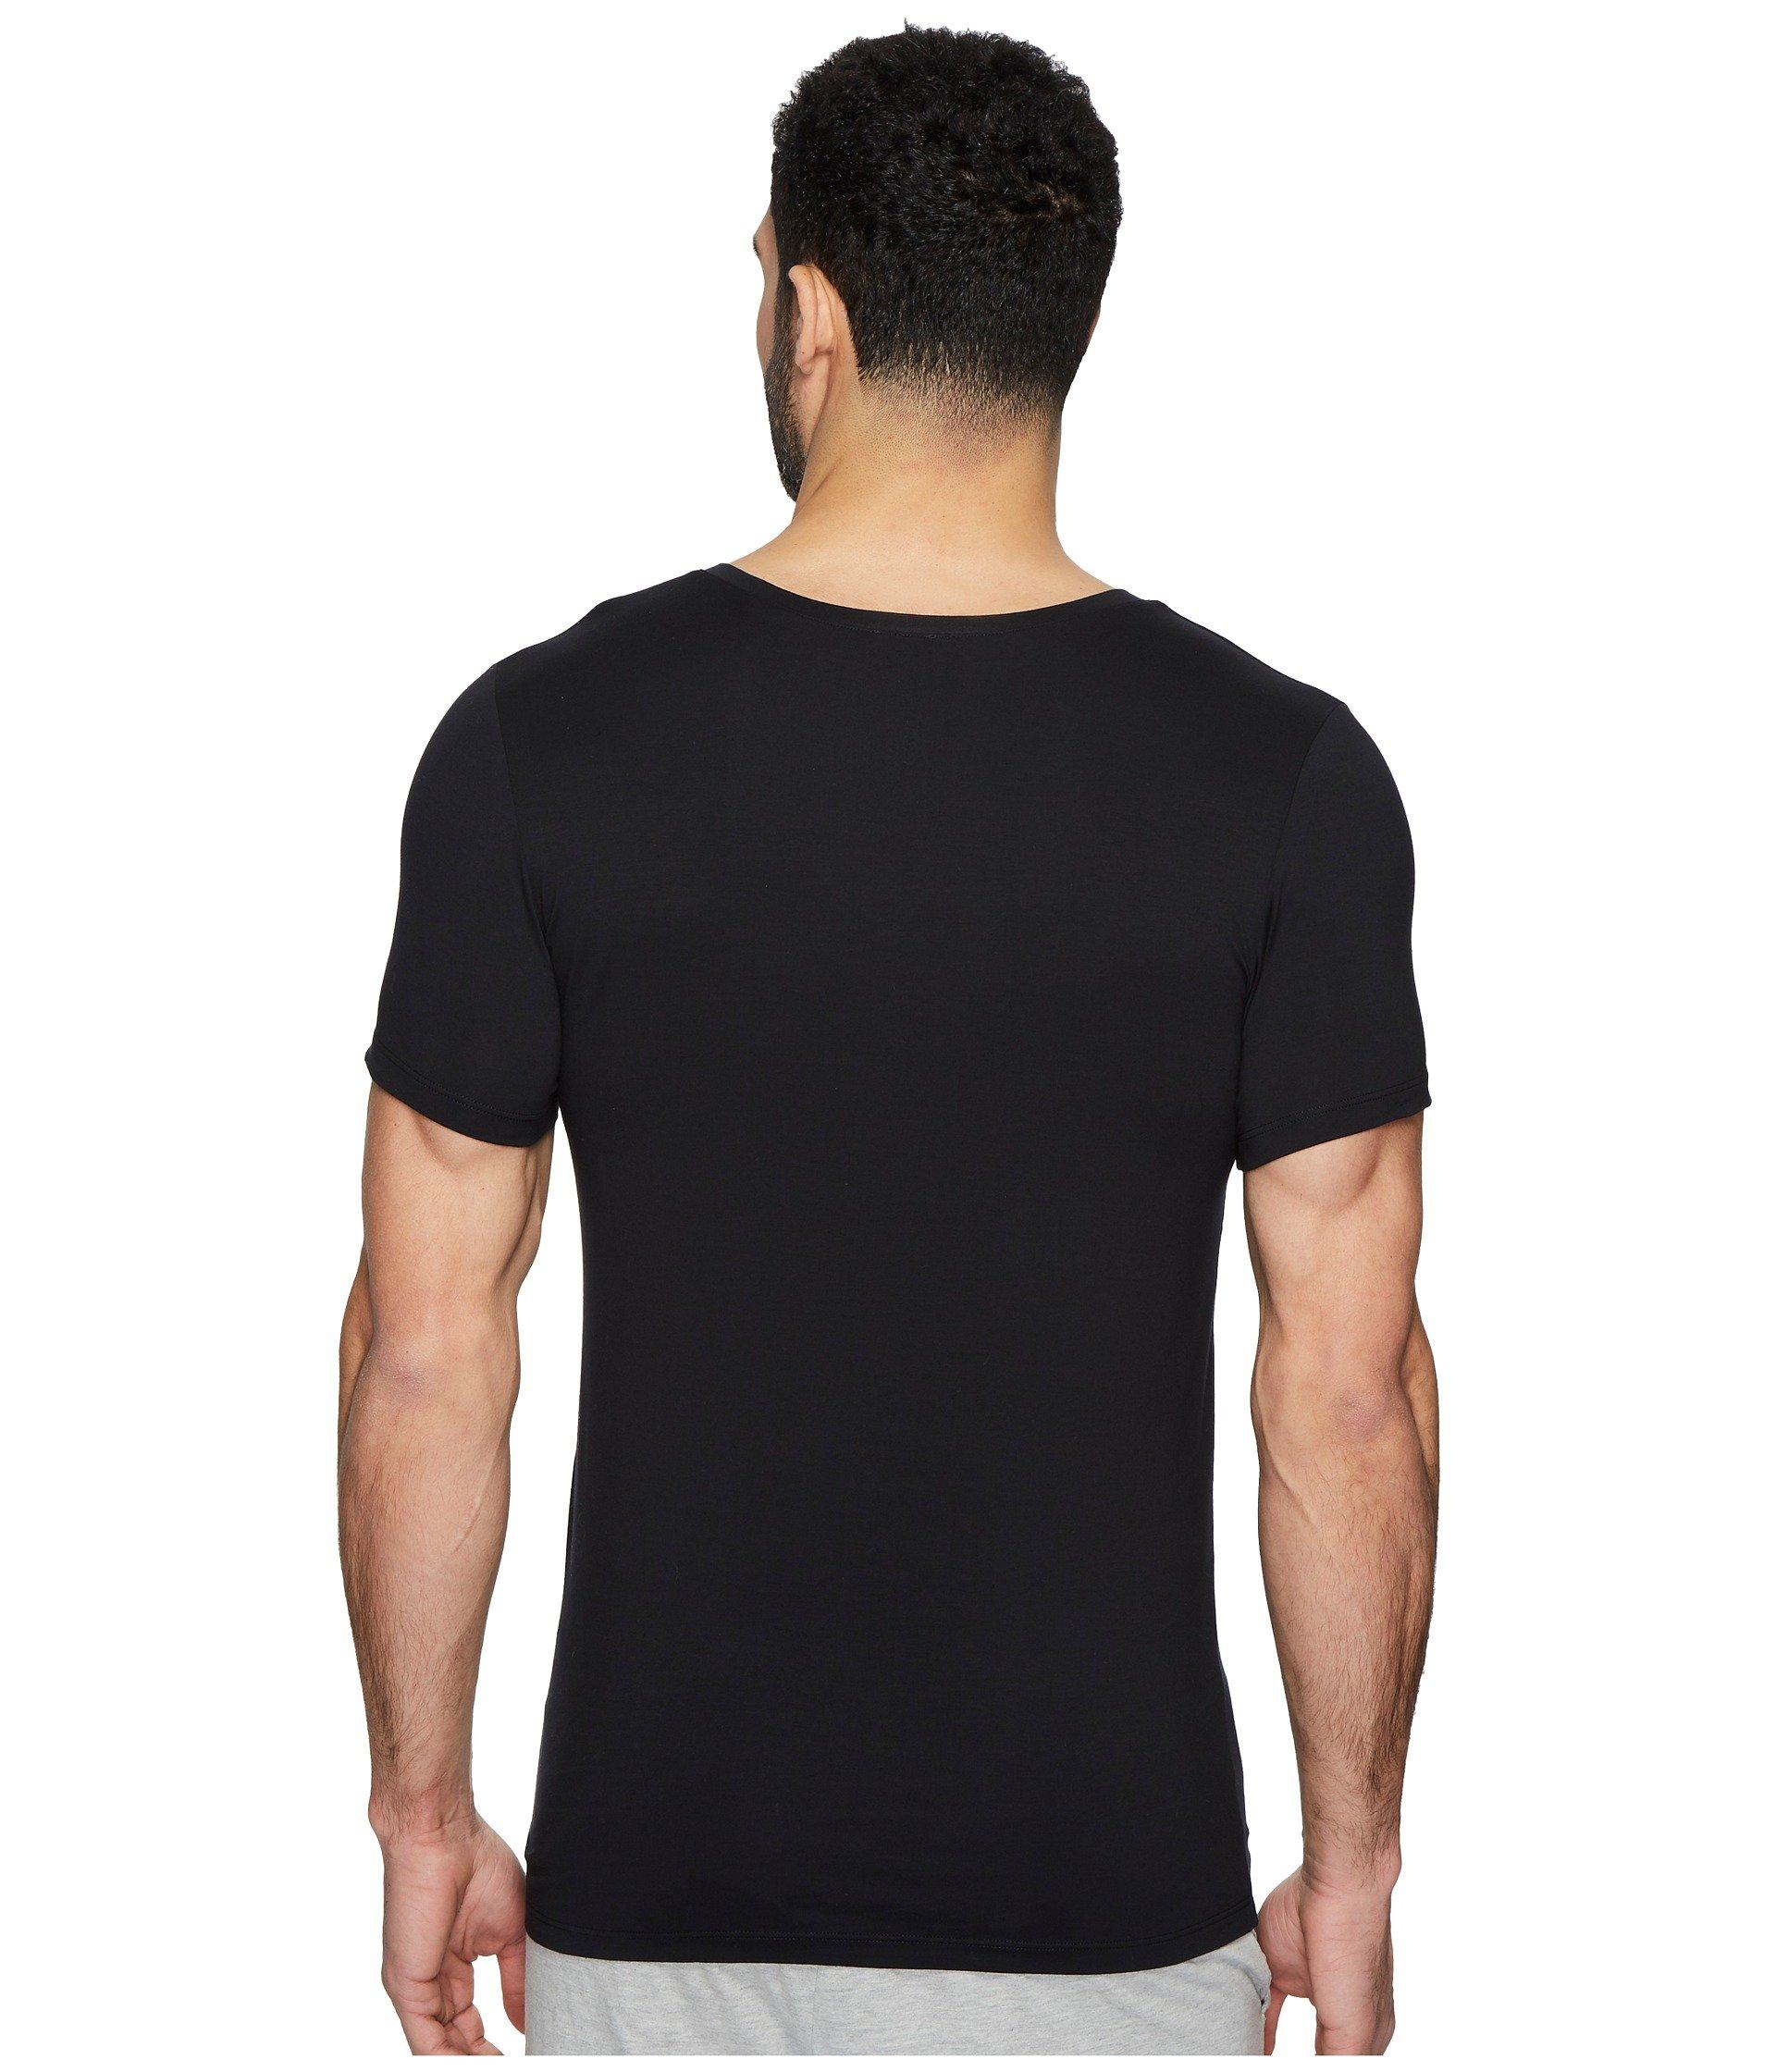 neck V Superior Hanro Black Shirt Cotton qvgUUx0